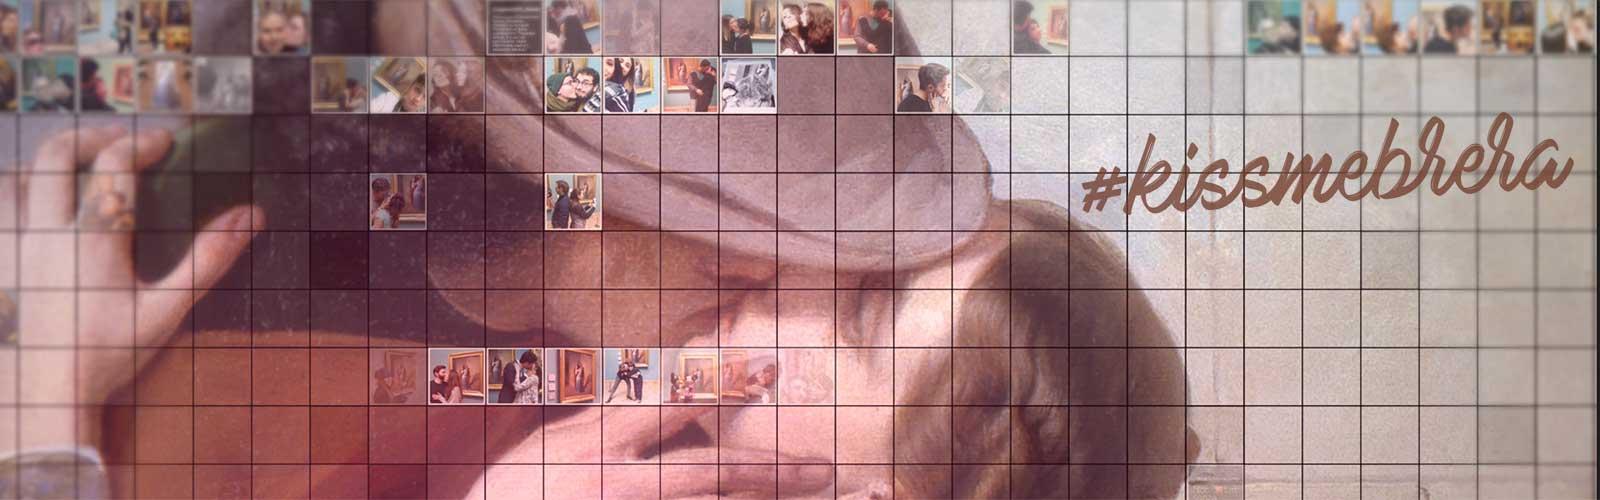 Il video di #Kissmebrera